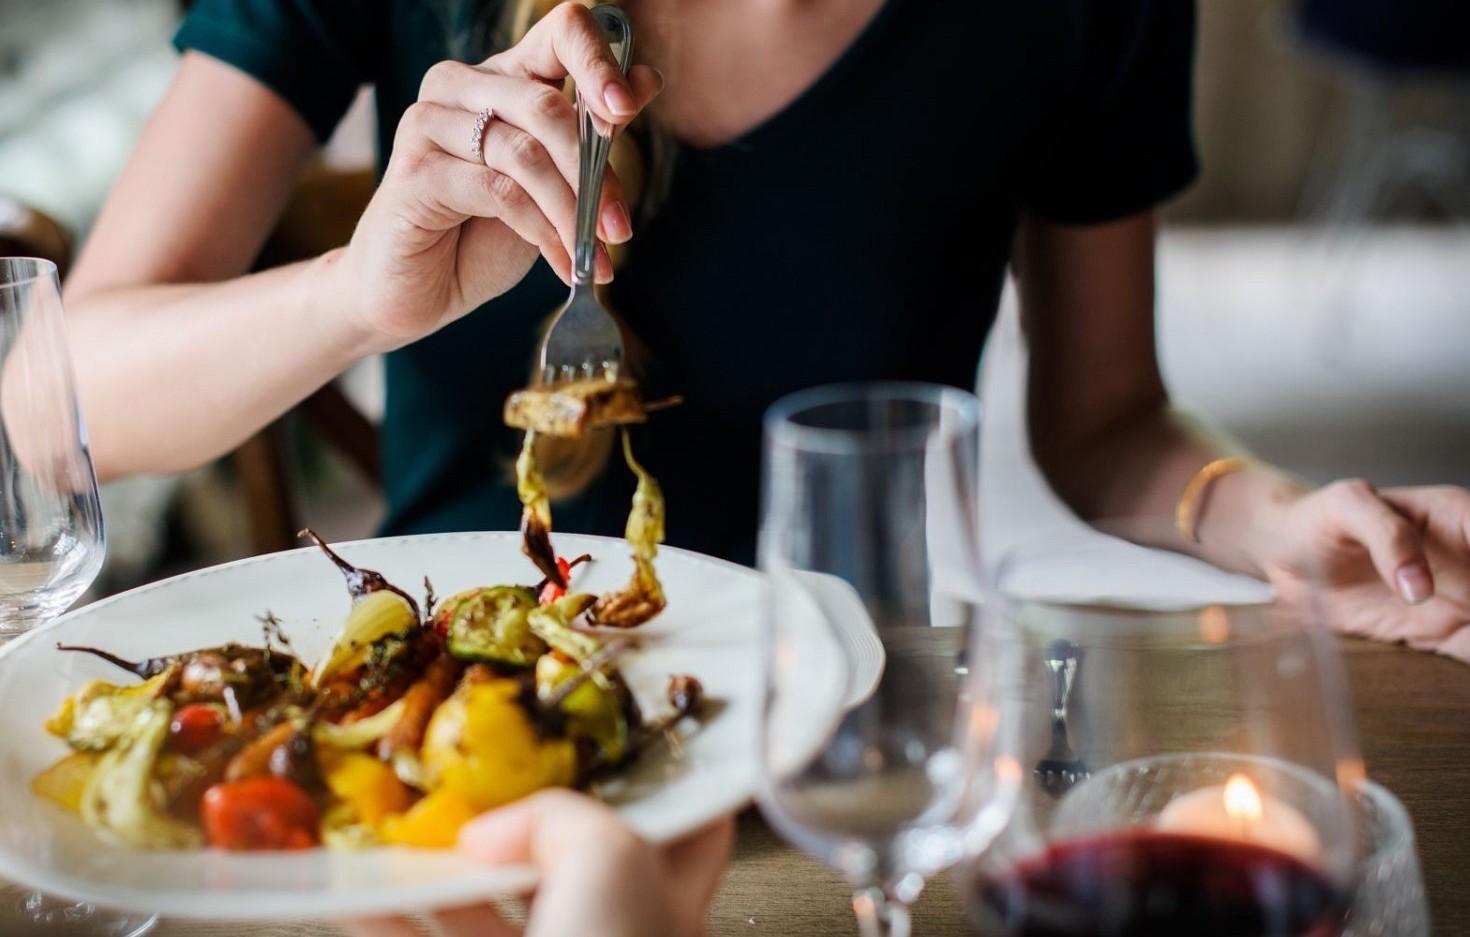 Mangiare con lentezza a tavola, si riman